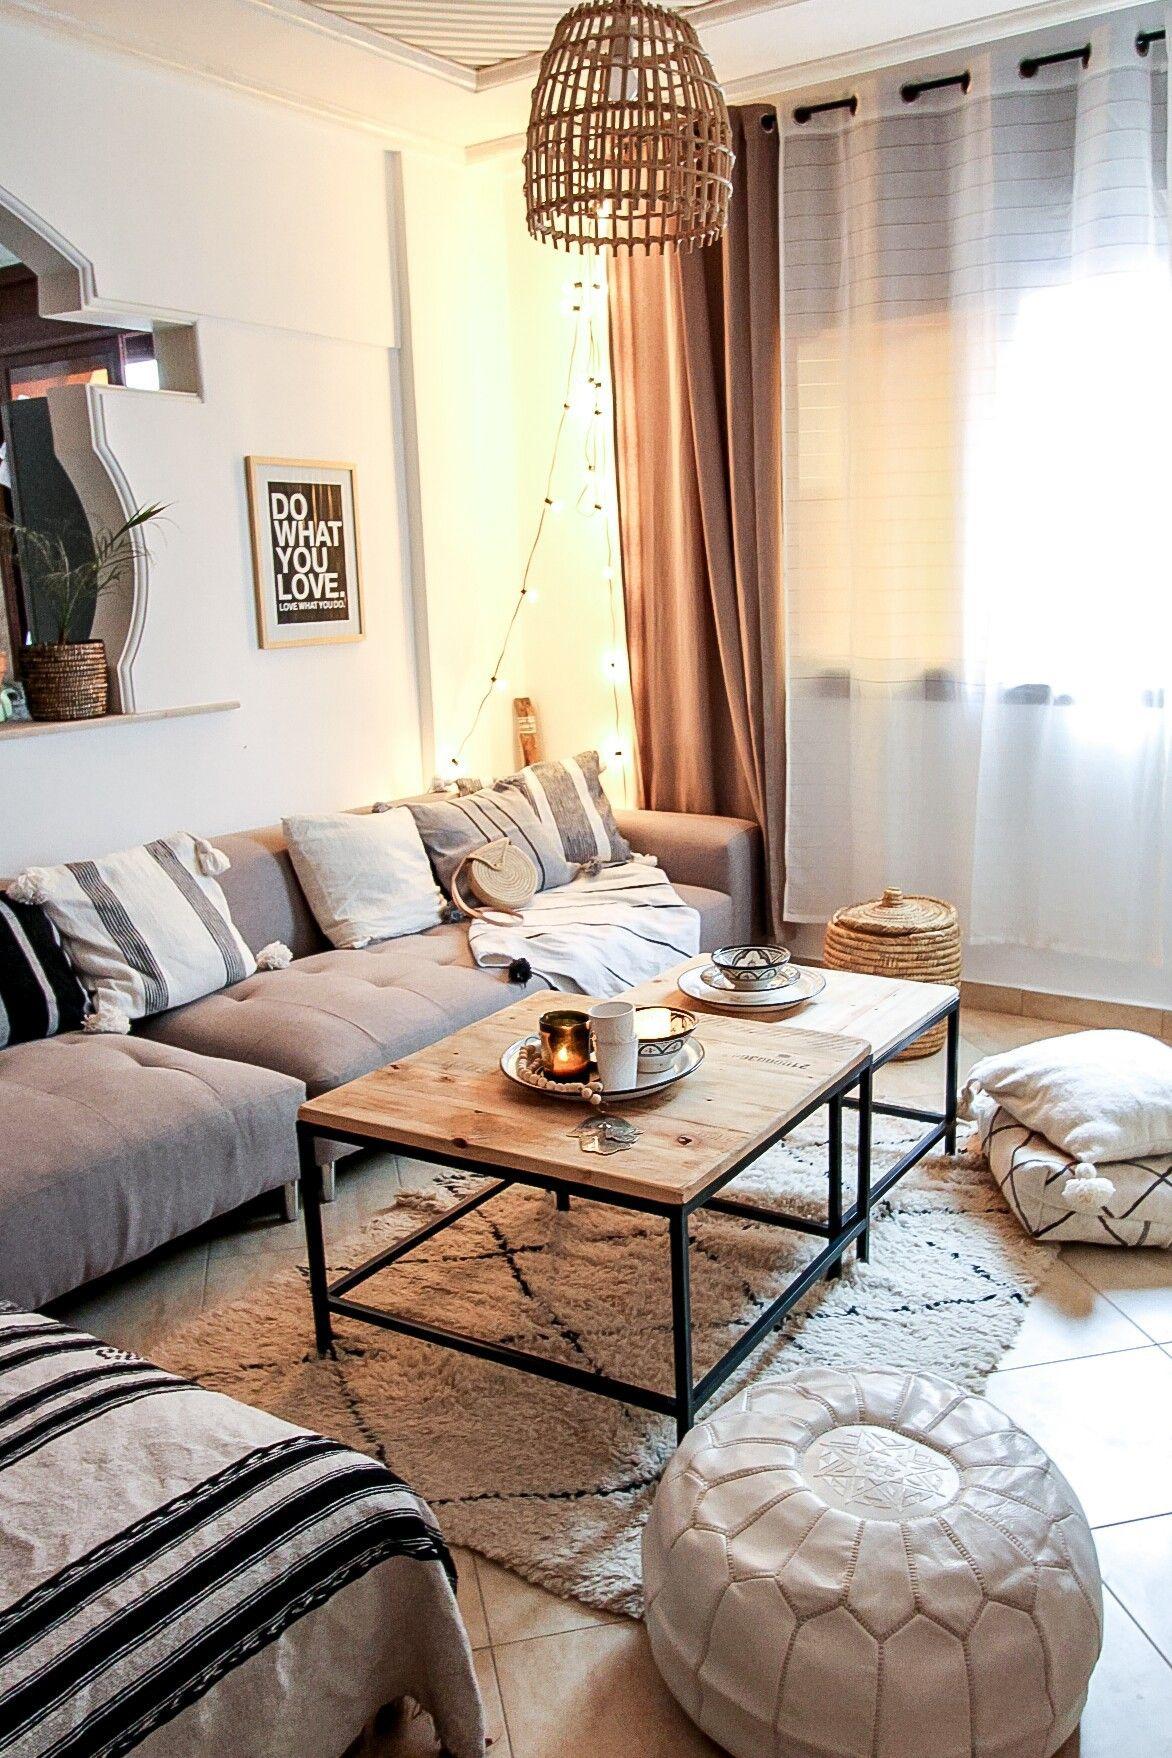 Boho Wohnzimmer mit handgemachter Deko aus Marokko!